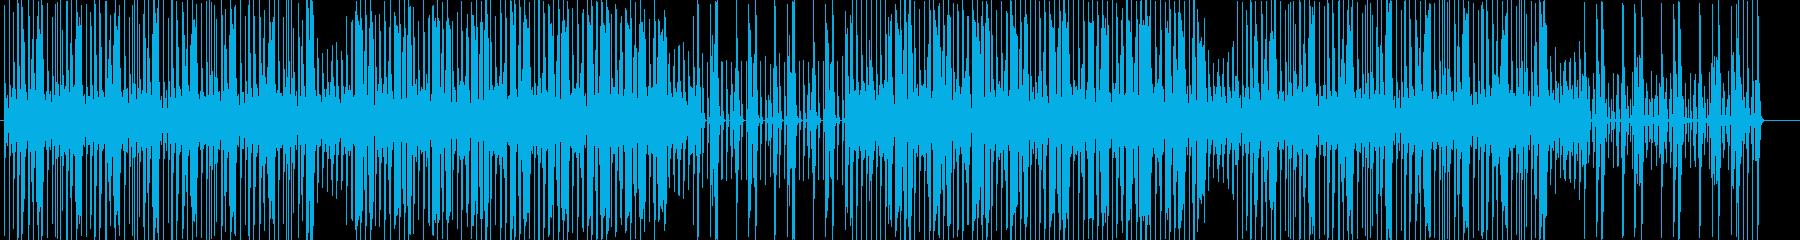 口笛のゆったりかわいい癒しBGM-自然の再生済みの波形